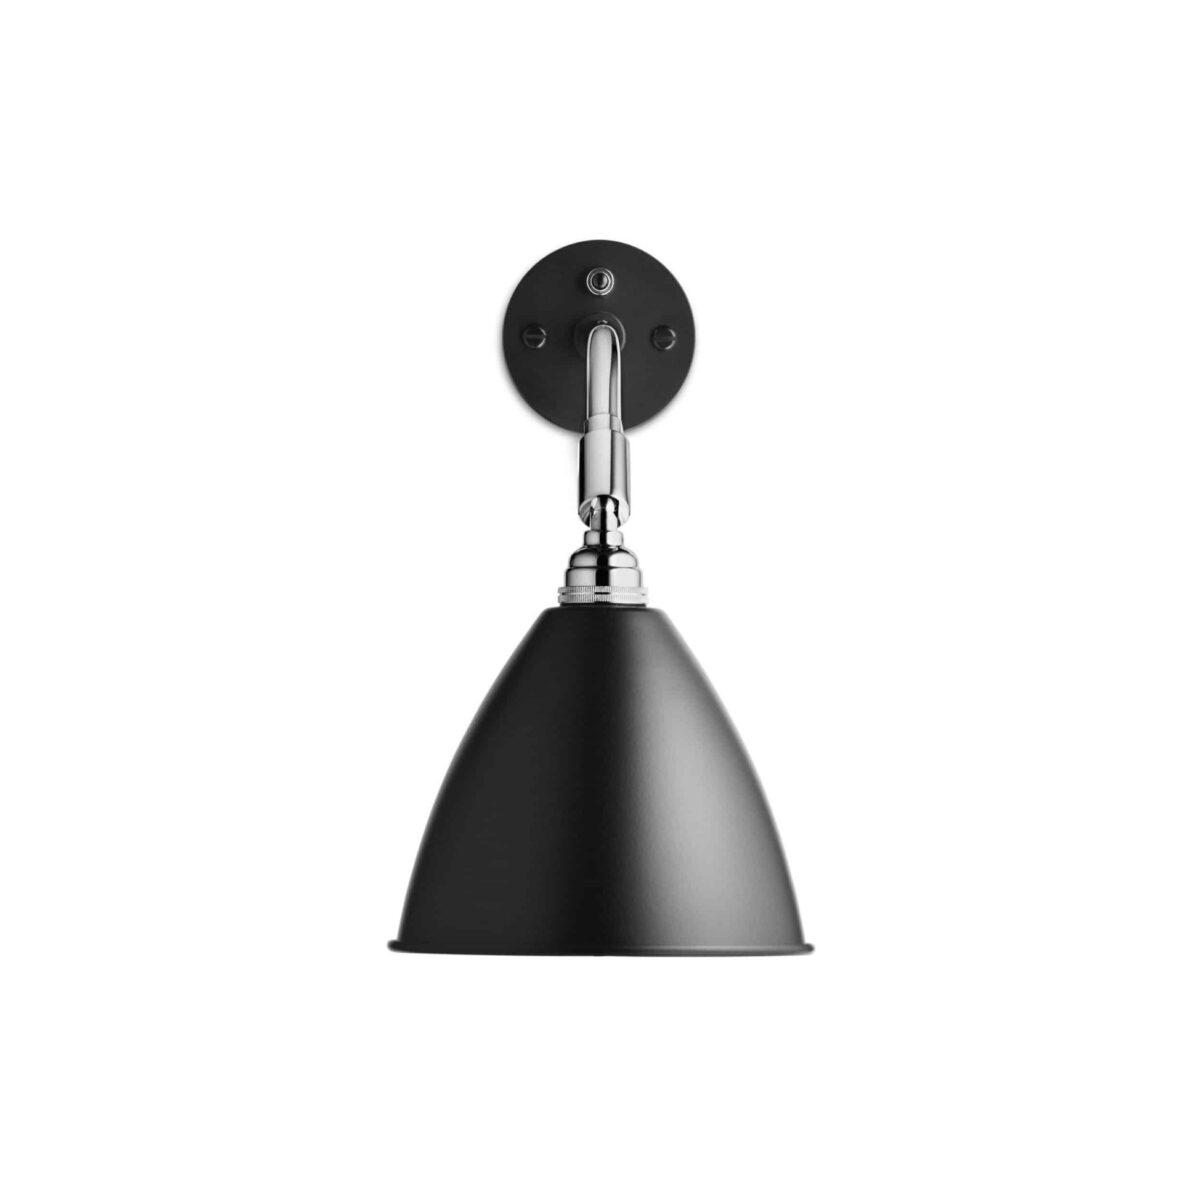 gubi-bestlite-wall-lamp-BL7-black-chrome-01